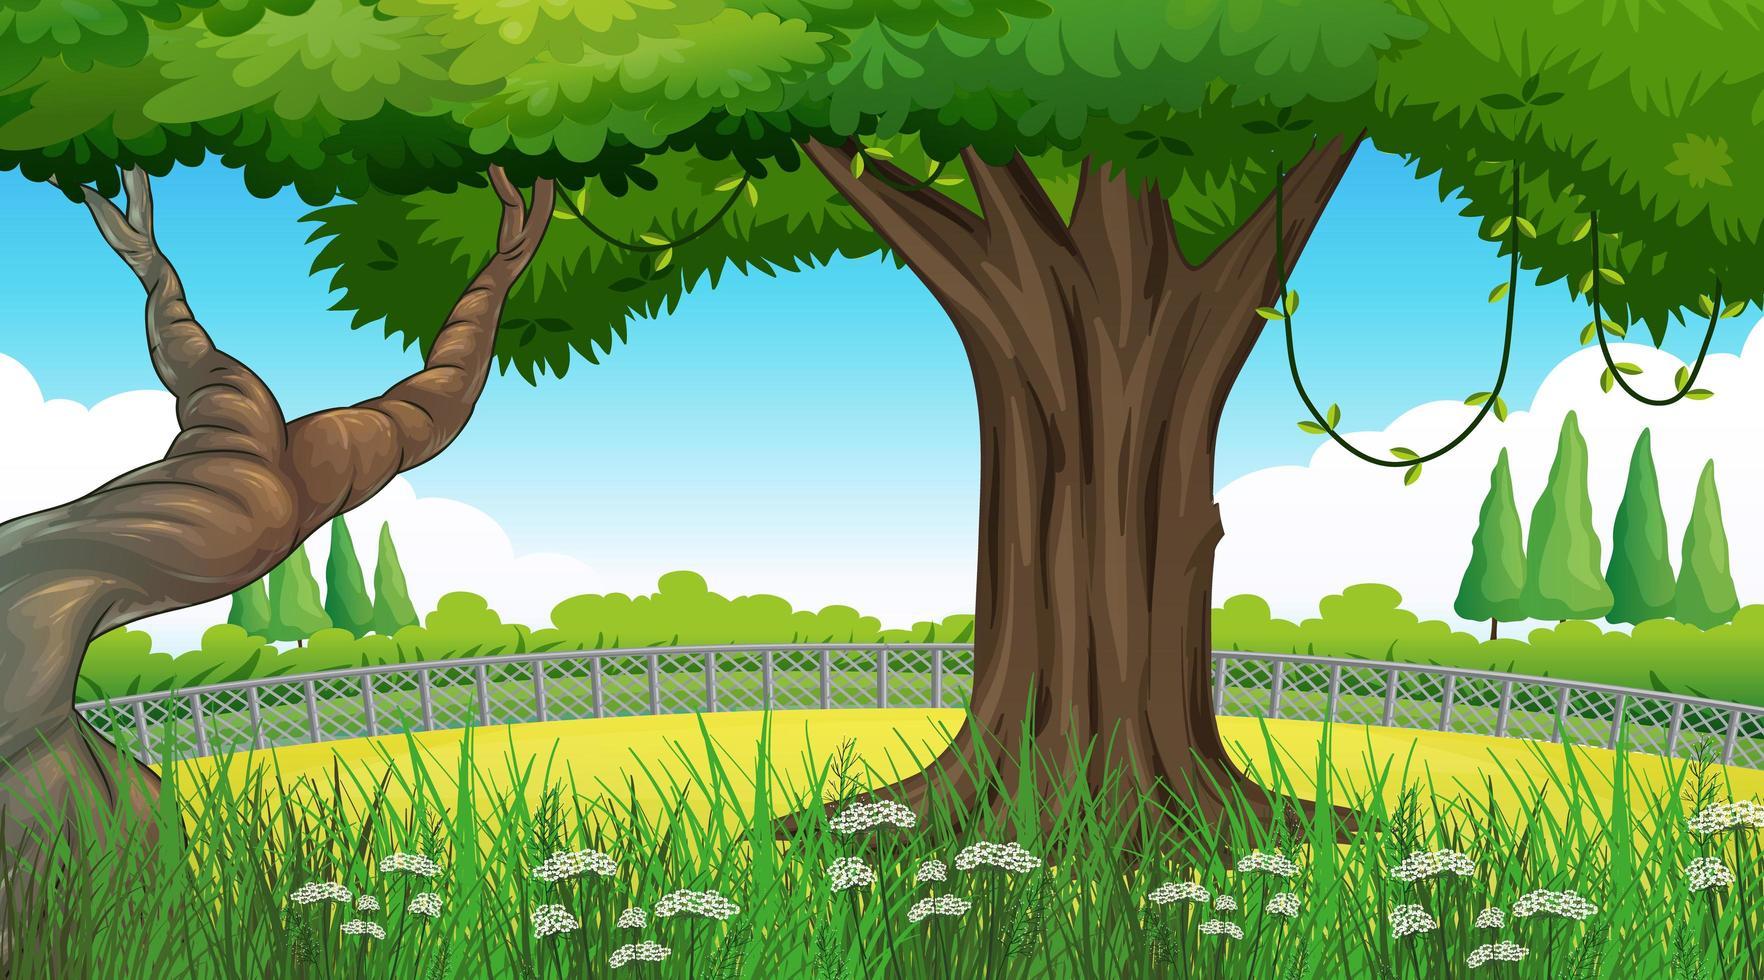 tom bakgrund naturlandskap med träd vektor